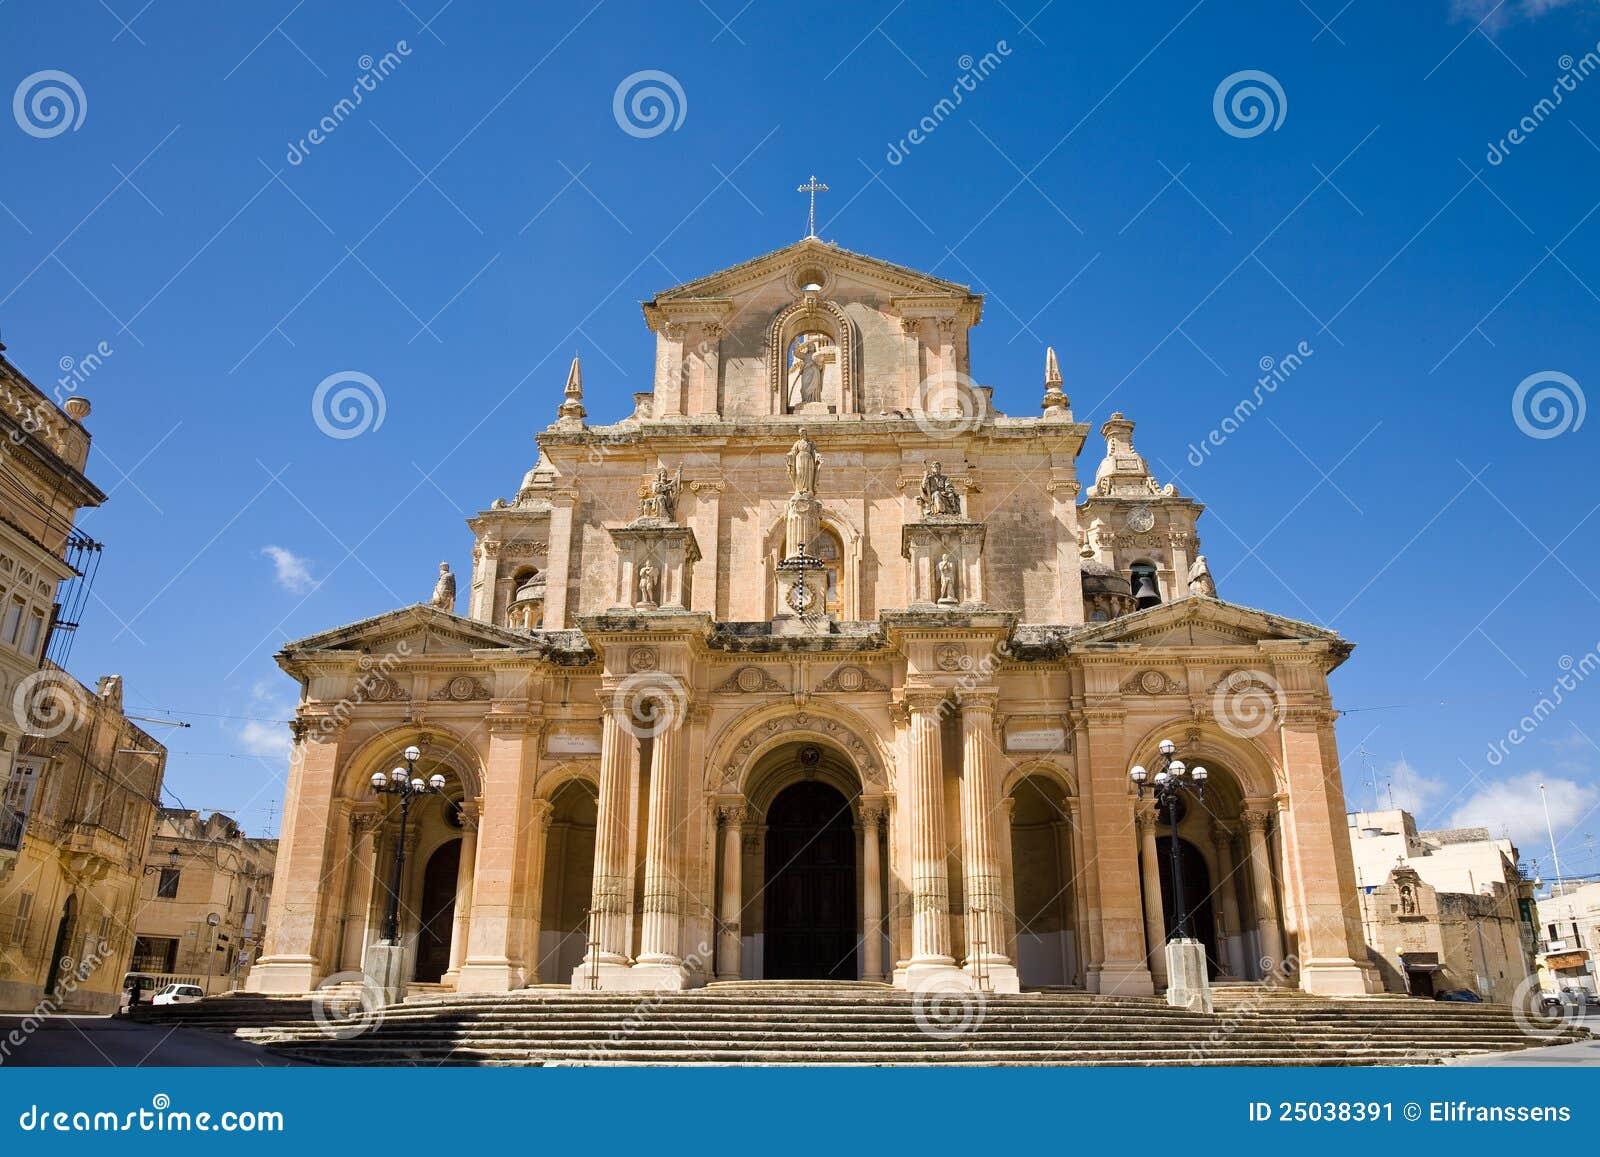 Malta siggiewi